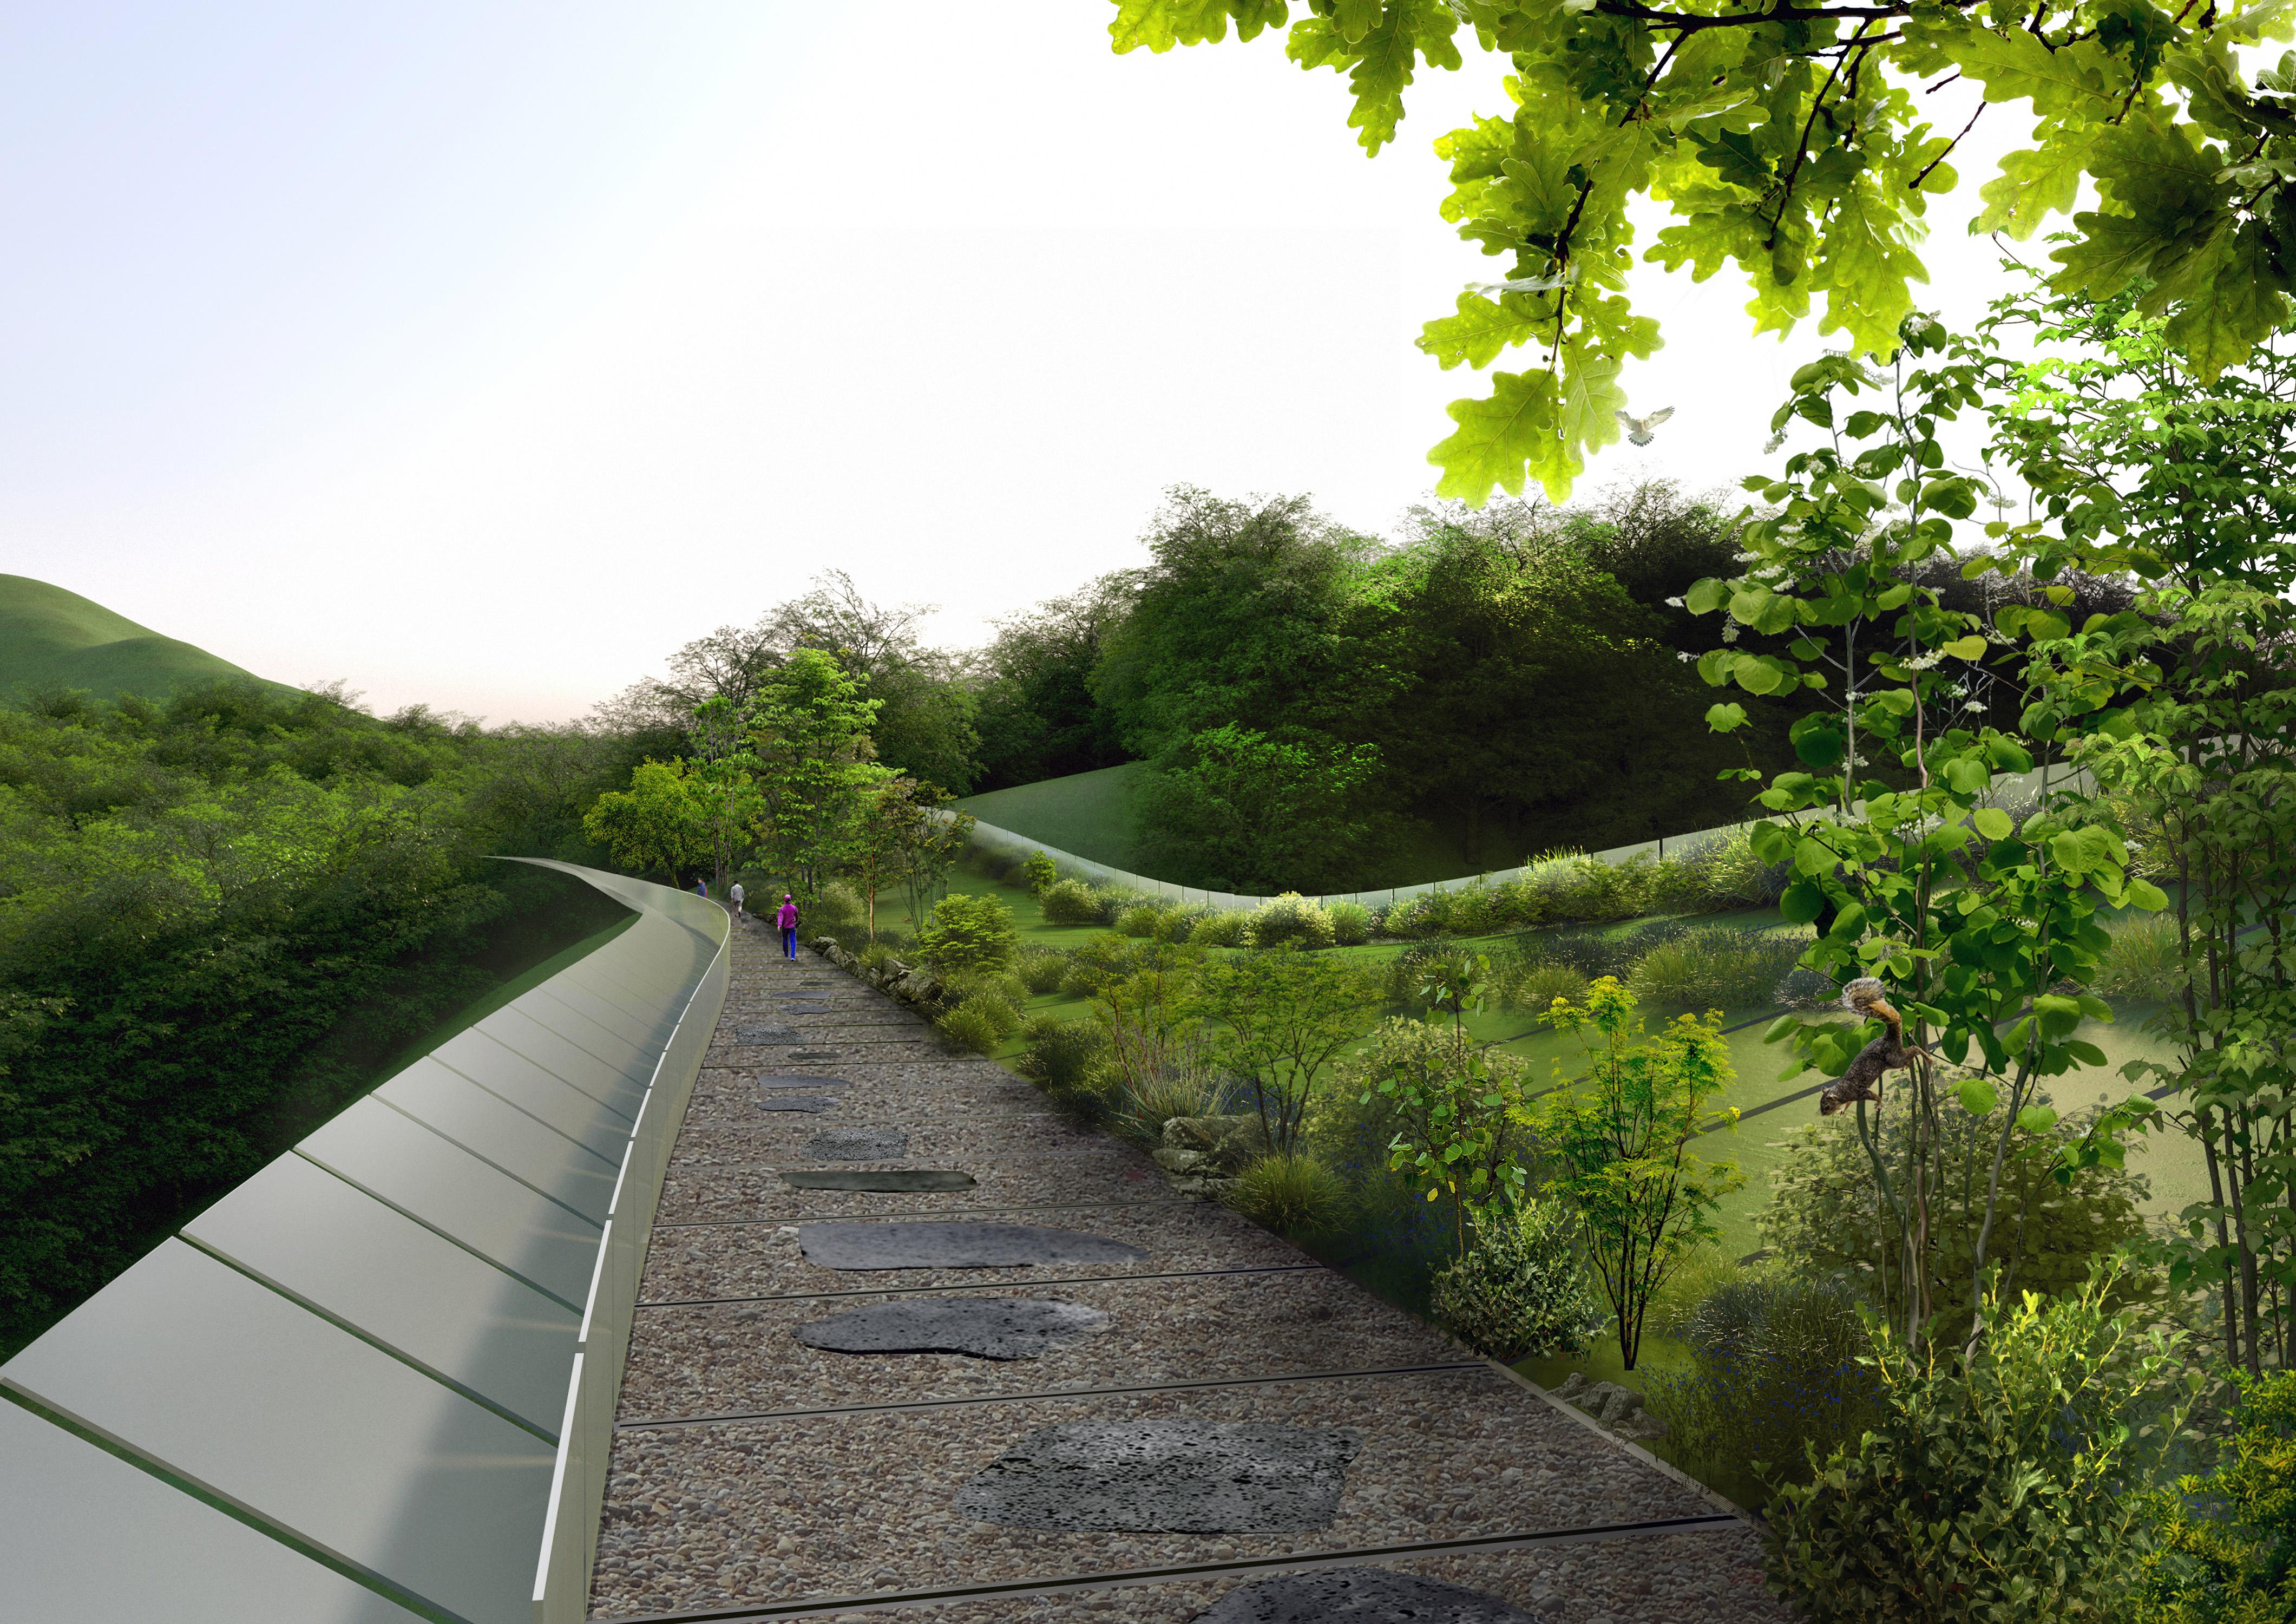 Il dualismo del concept progettuale e strutturale: da una parte il percorso dell'uomo, dall'altra il pendio verde che preserva l'habitat animale © Kild